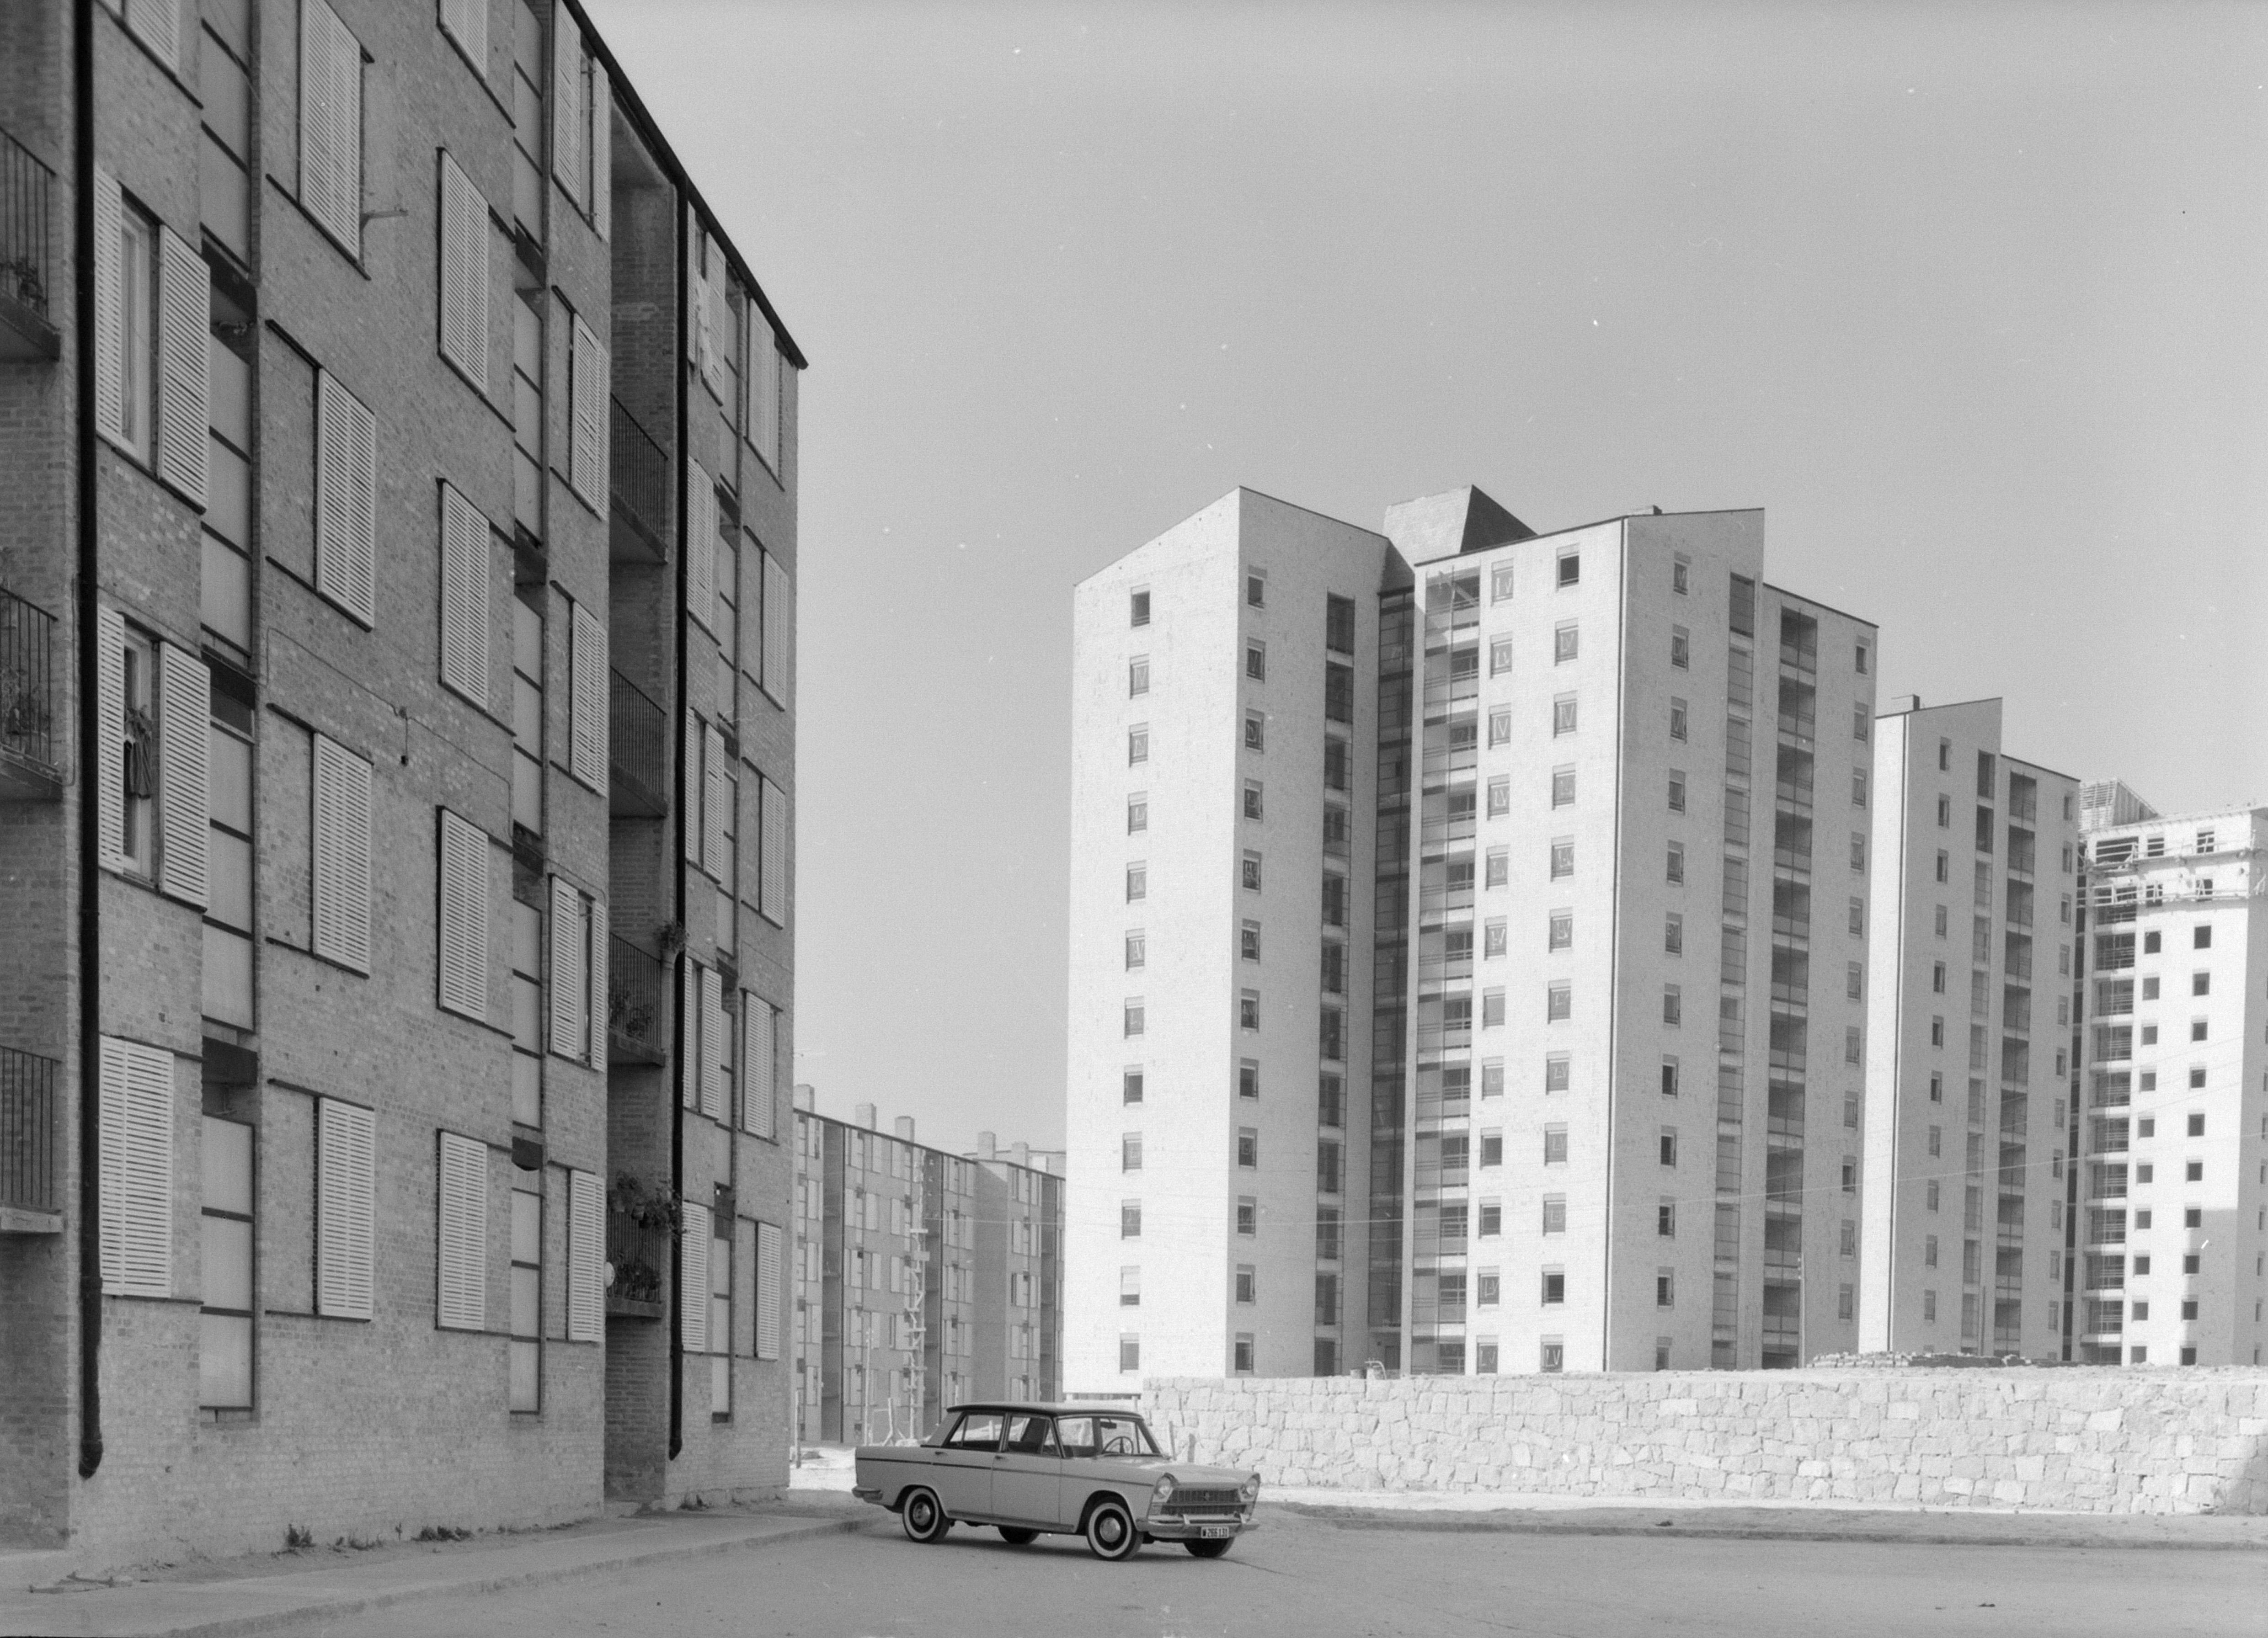 Fotograf a y arquitectura moderna en espa a entrevista a - Fotografia arquitectura ...